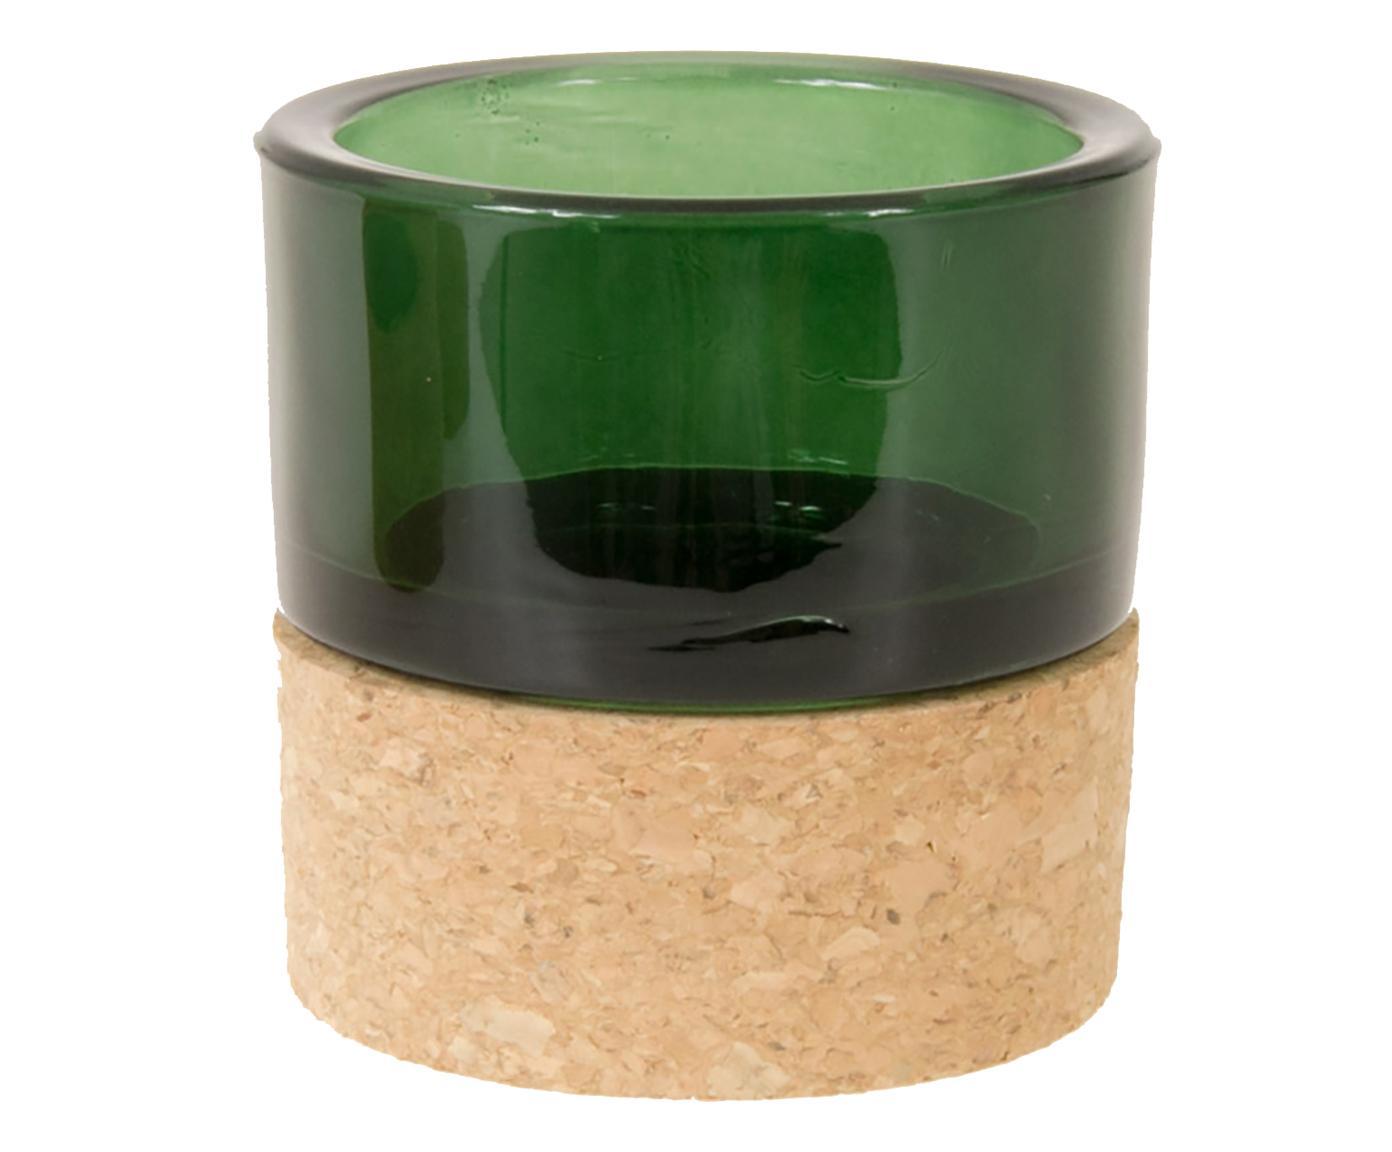 Porta tealight in vetro e sughero verde scuro